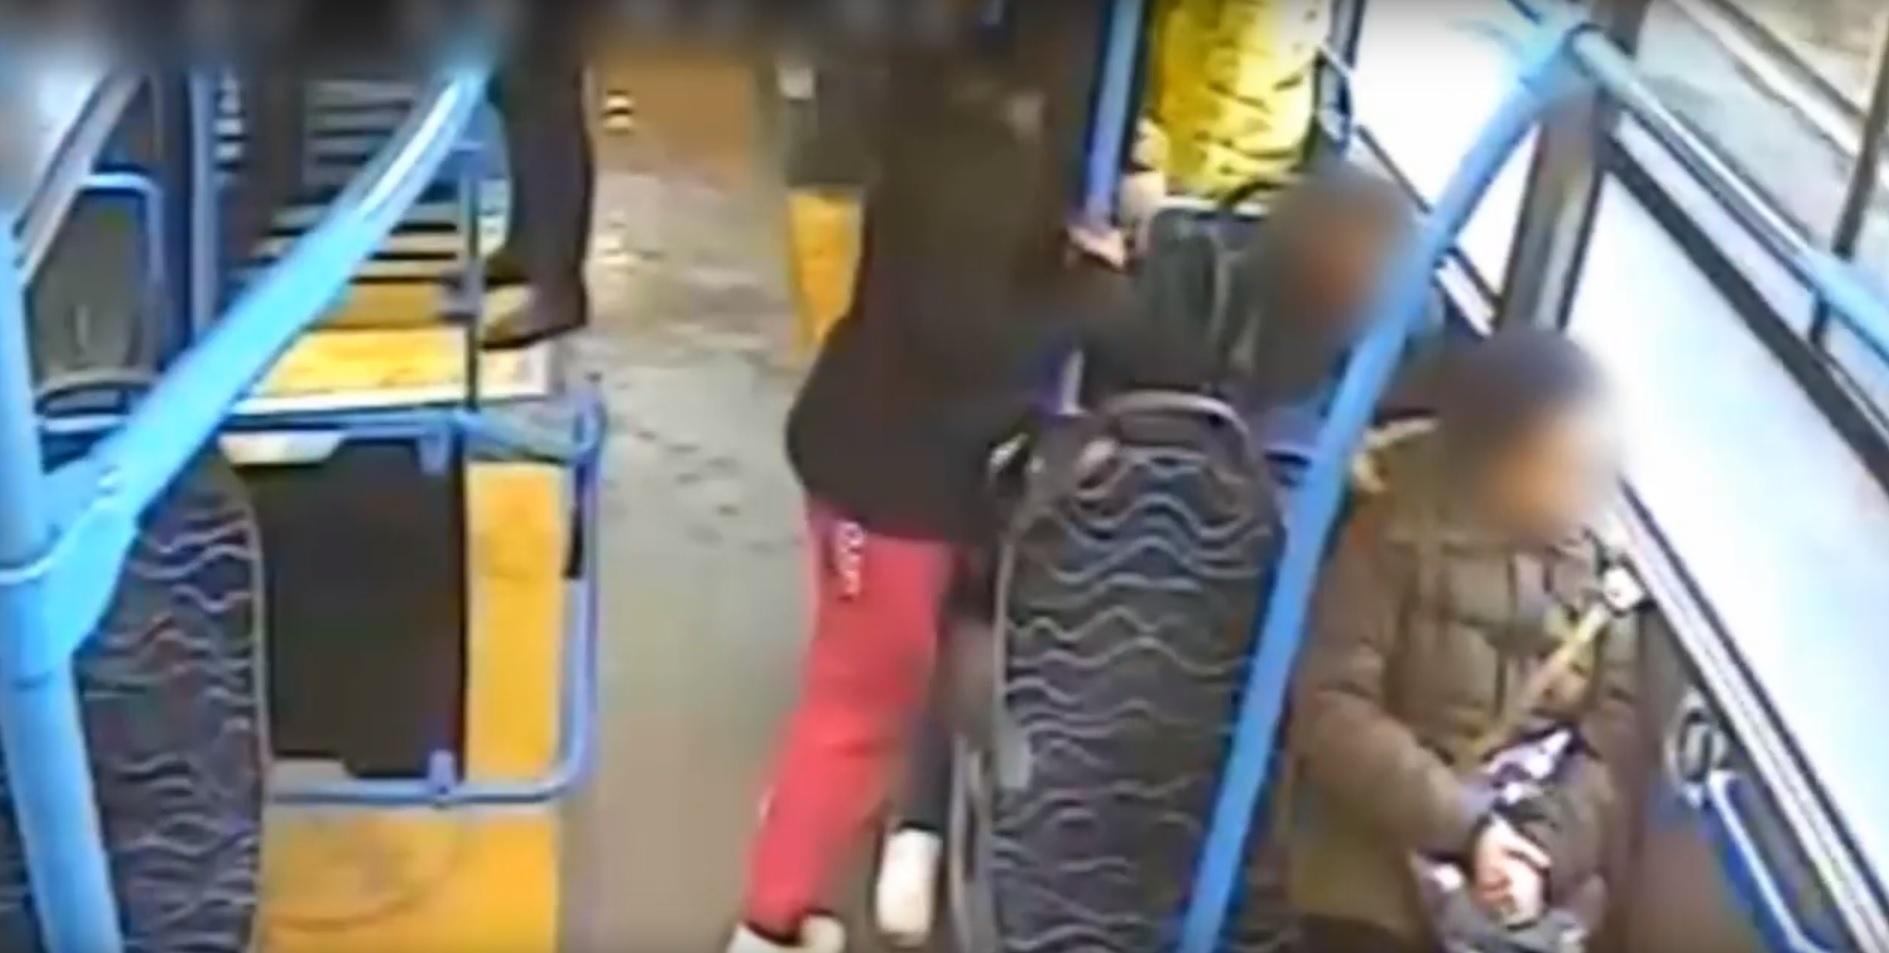 Itt egy videó arról, hogyan fosztanak ki egy alvó utast a 151-es buszon